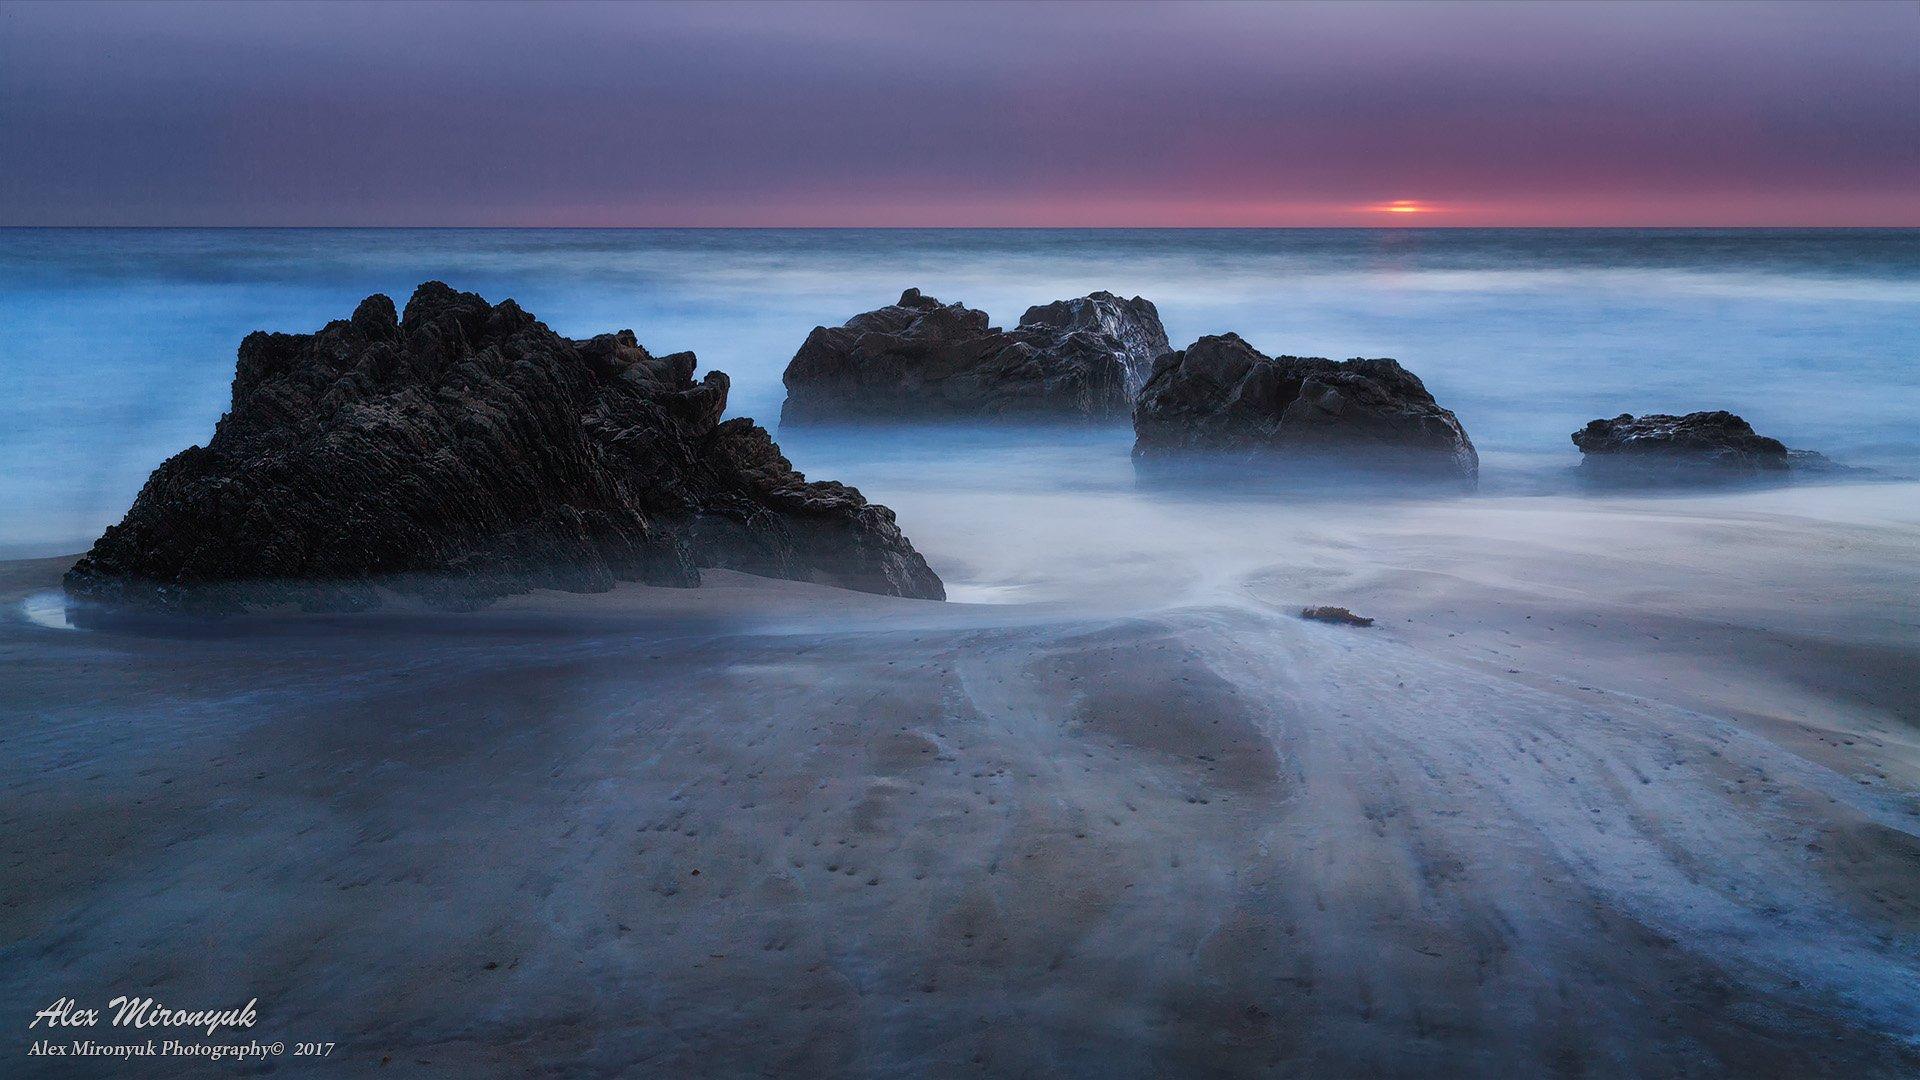 море, океан, тихий, волны, прибой, скала, камень, закат, солнце, тучи, панорама,, Alex Mironyuk